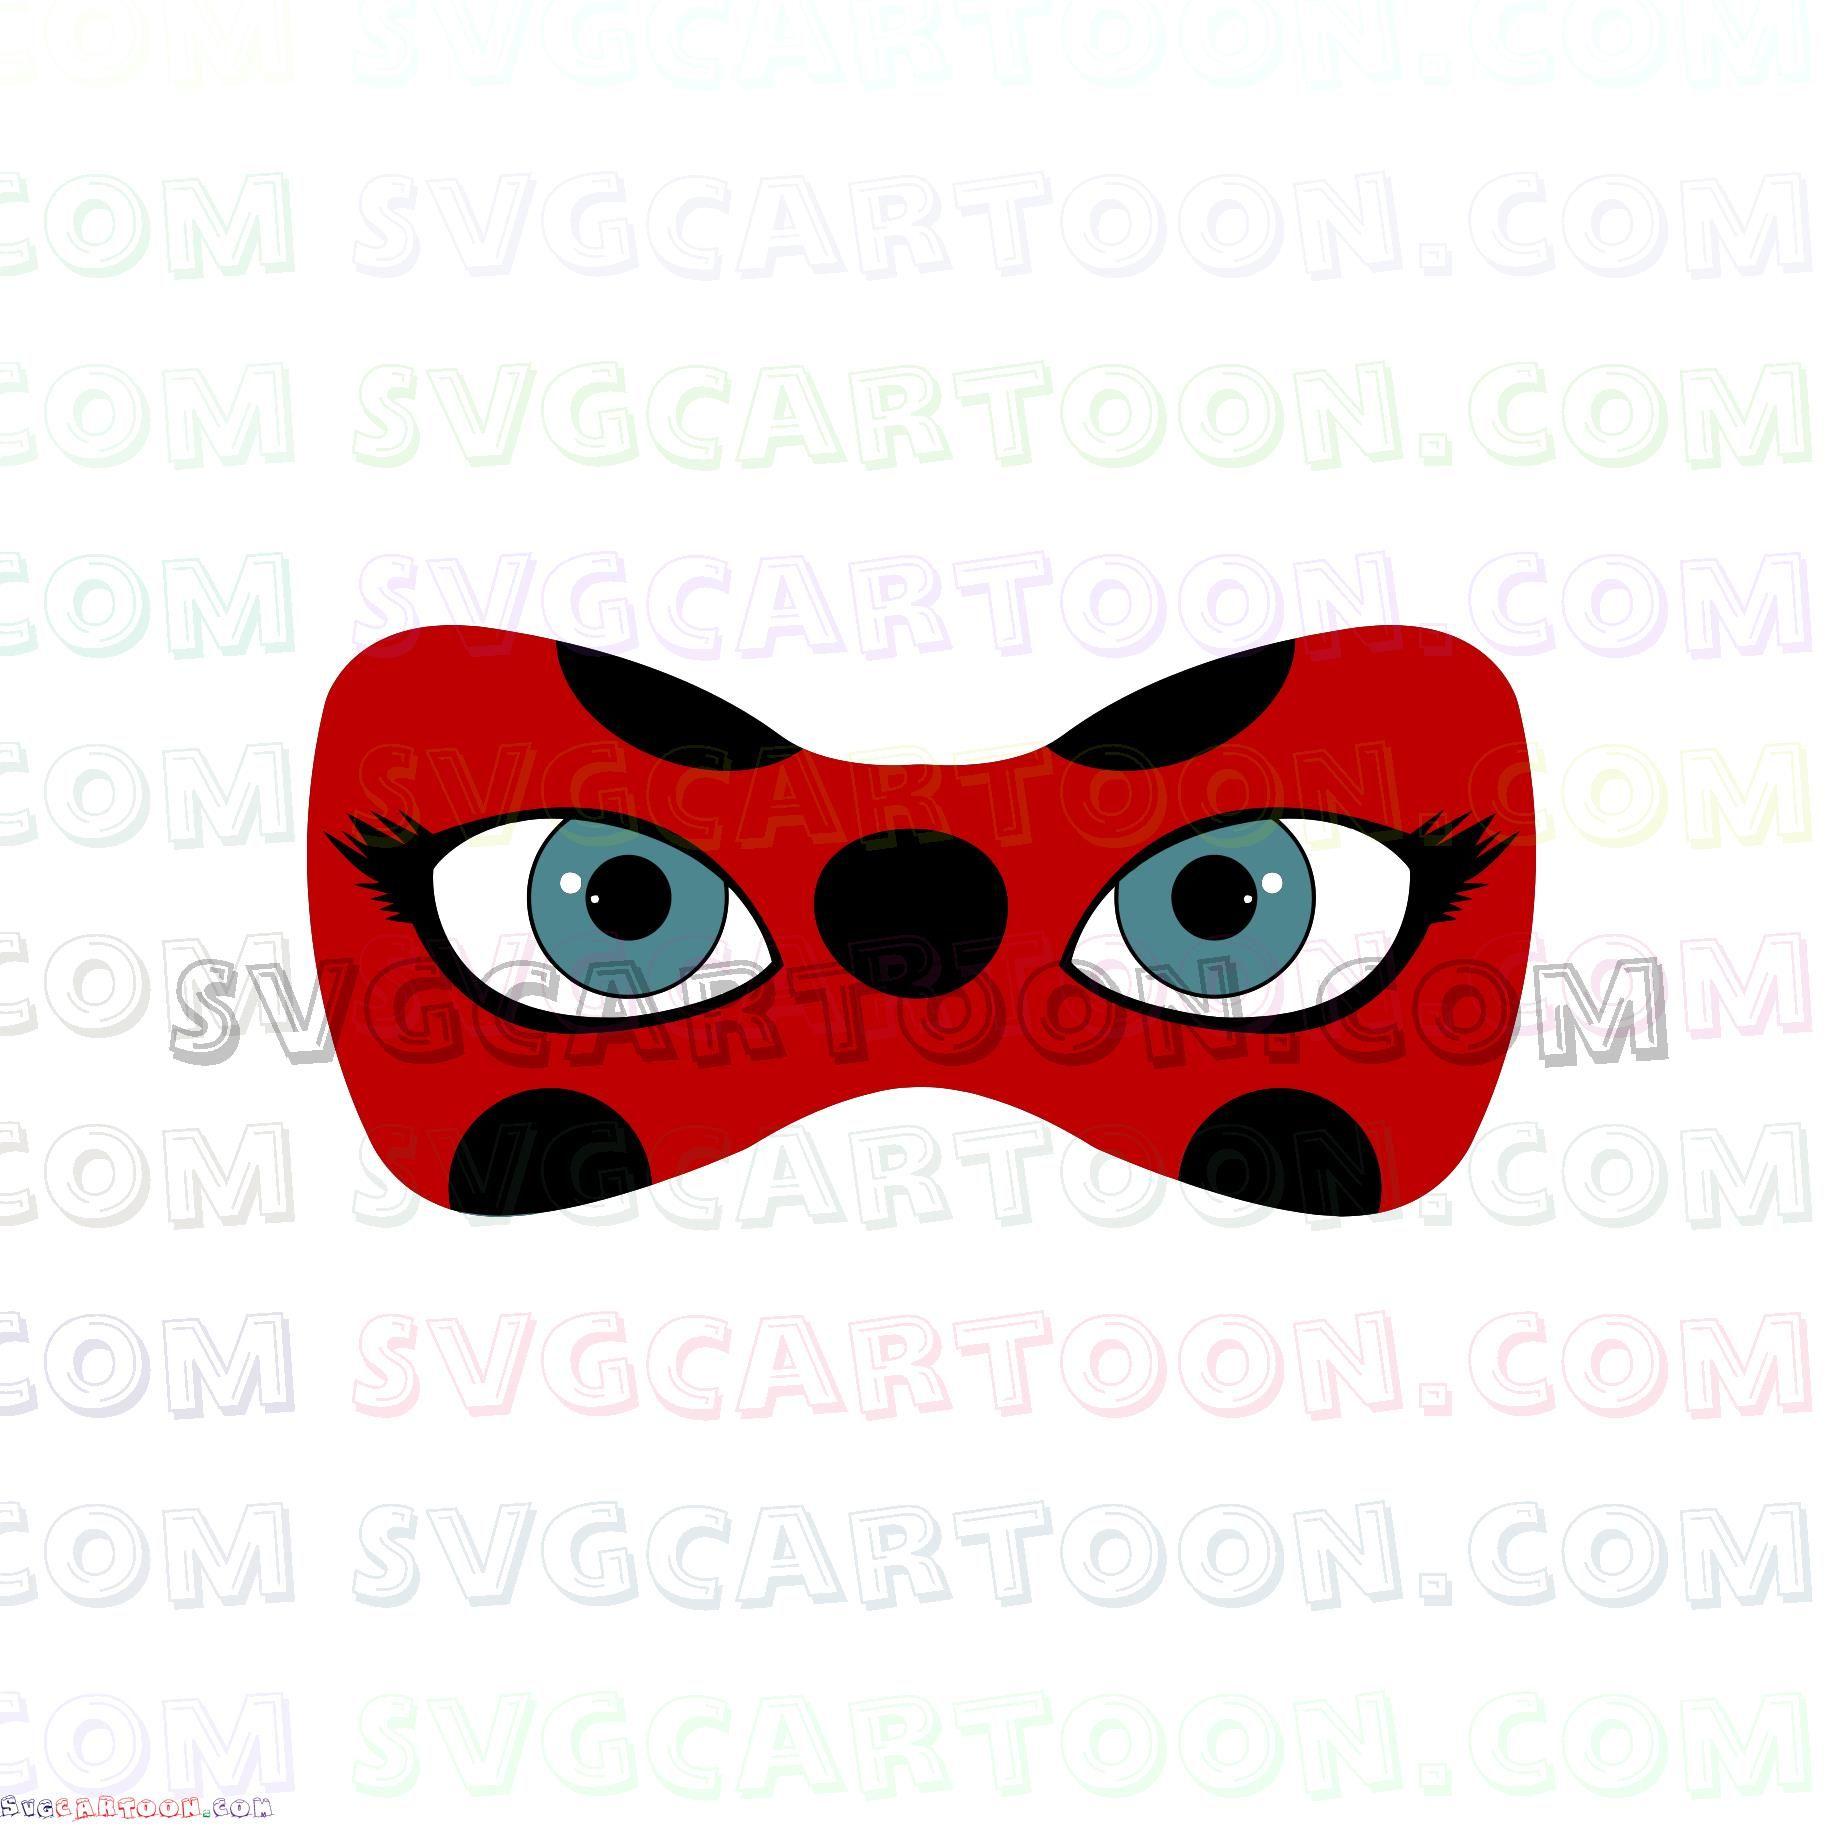 Miraculous Ladybug Angie Nasca Eyes Svg Dxf Eps Pdf Png Miraculous Ladybug Ladybug Miraculous